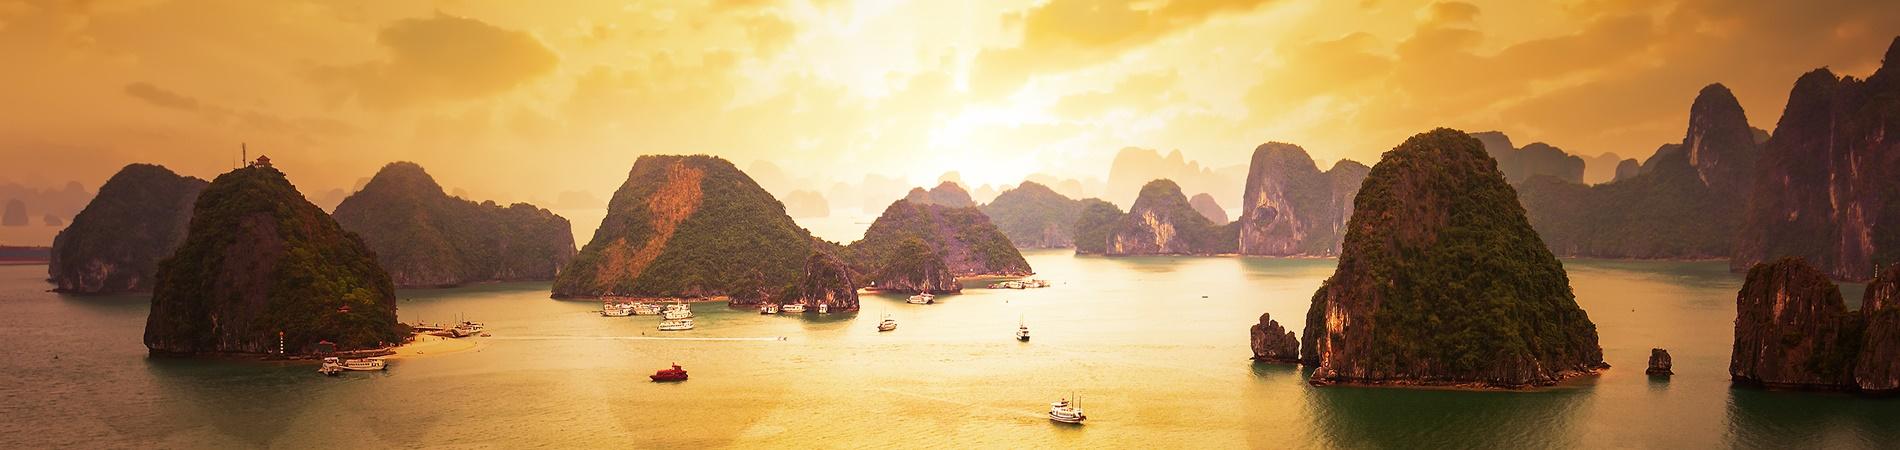 shutterstock_Vietnam Halong Bay Sunset 2 Header